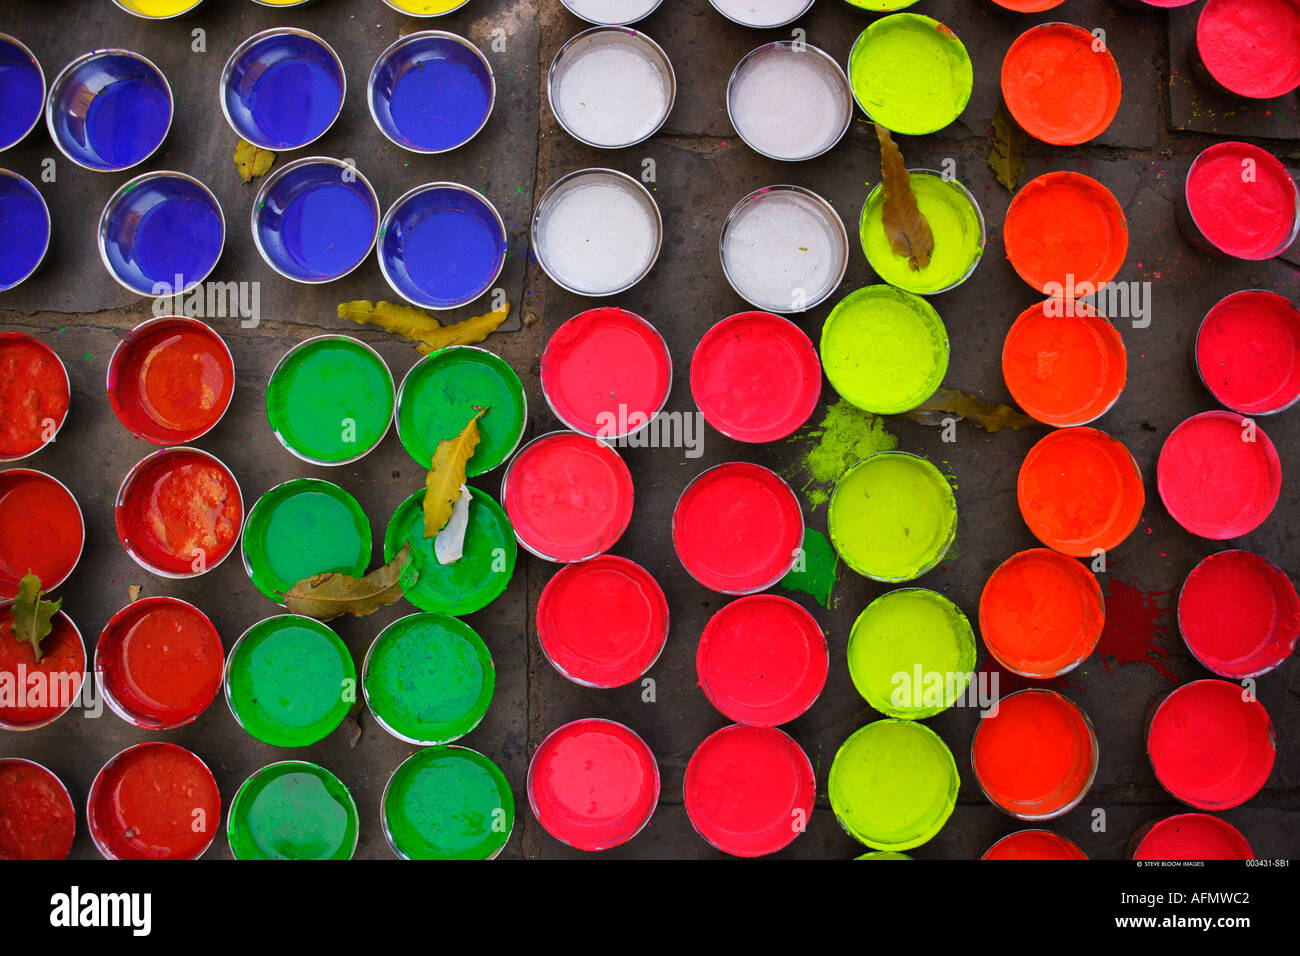 Botes de pintura utilizado para la decoración de los elefantes para el Festival del elefante de Jaipur India Imagen De Stock